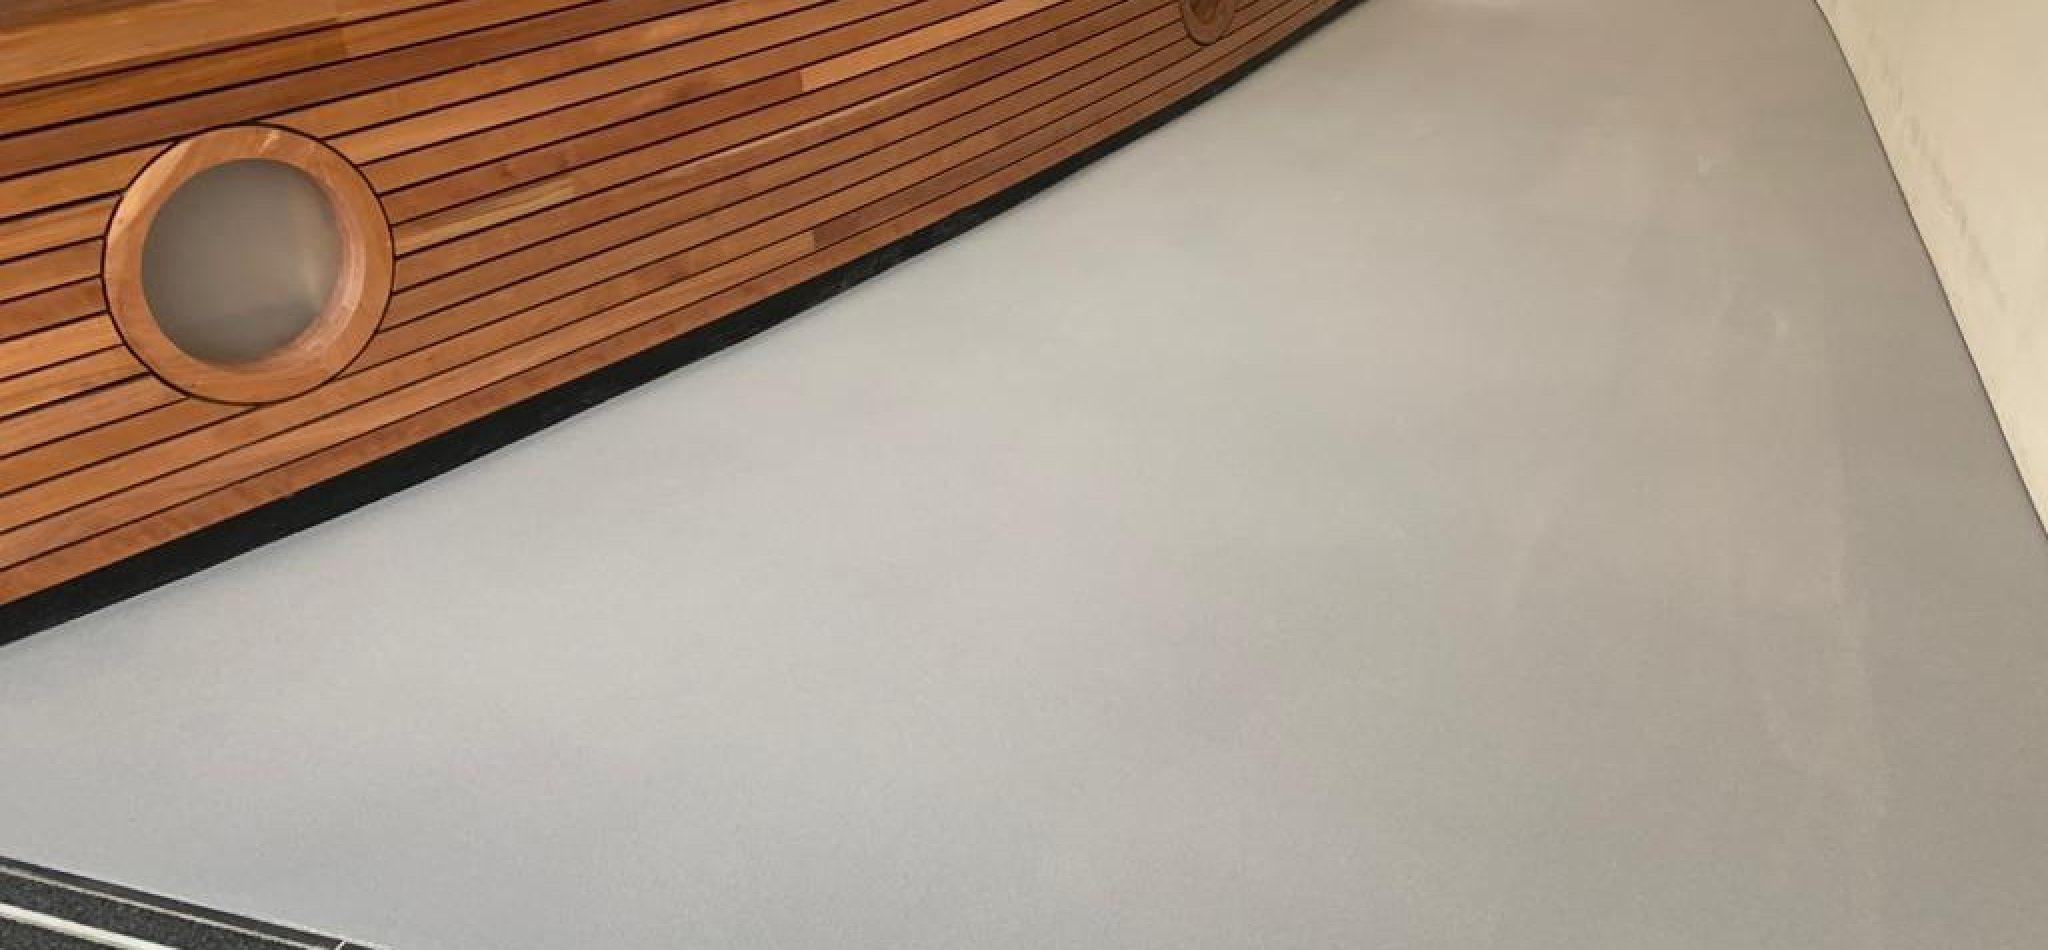 vebroflex Comfort UV at Peter Pan Moat Brae